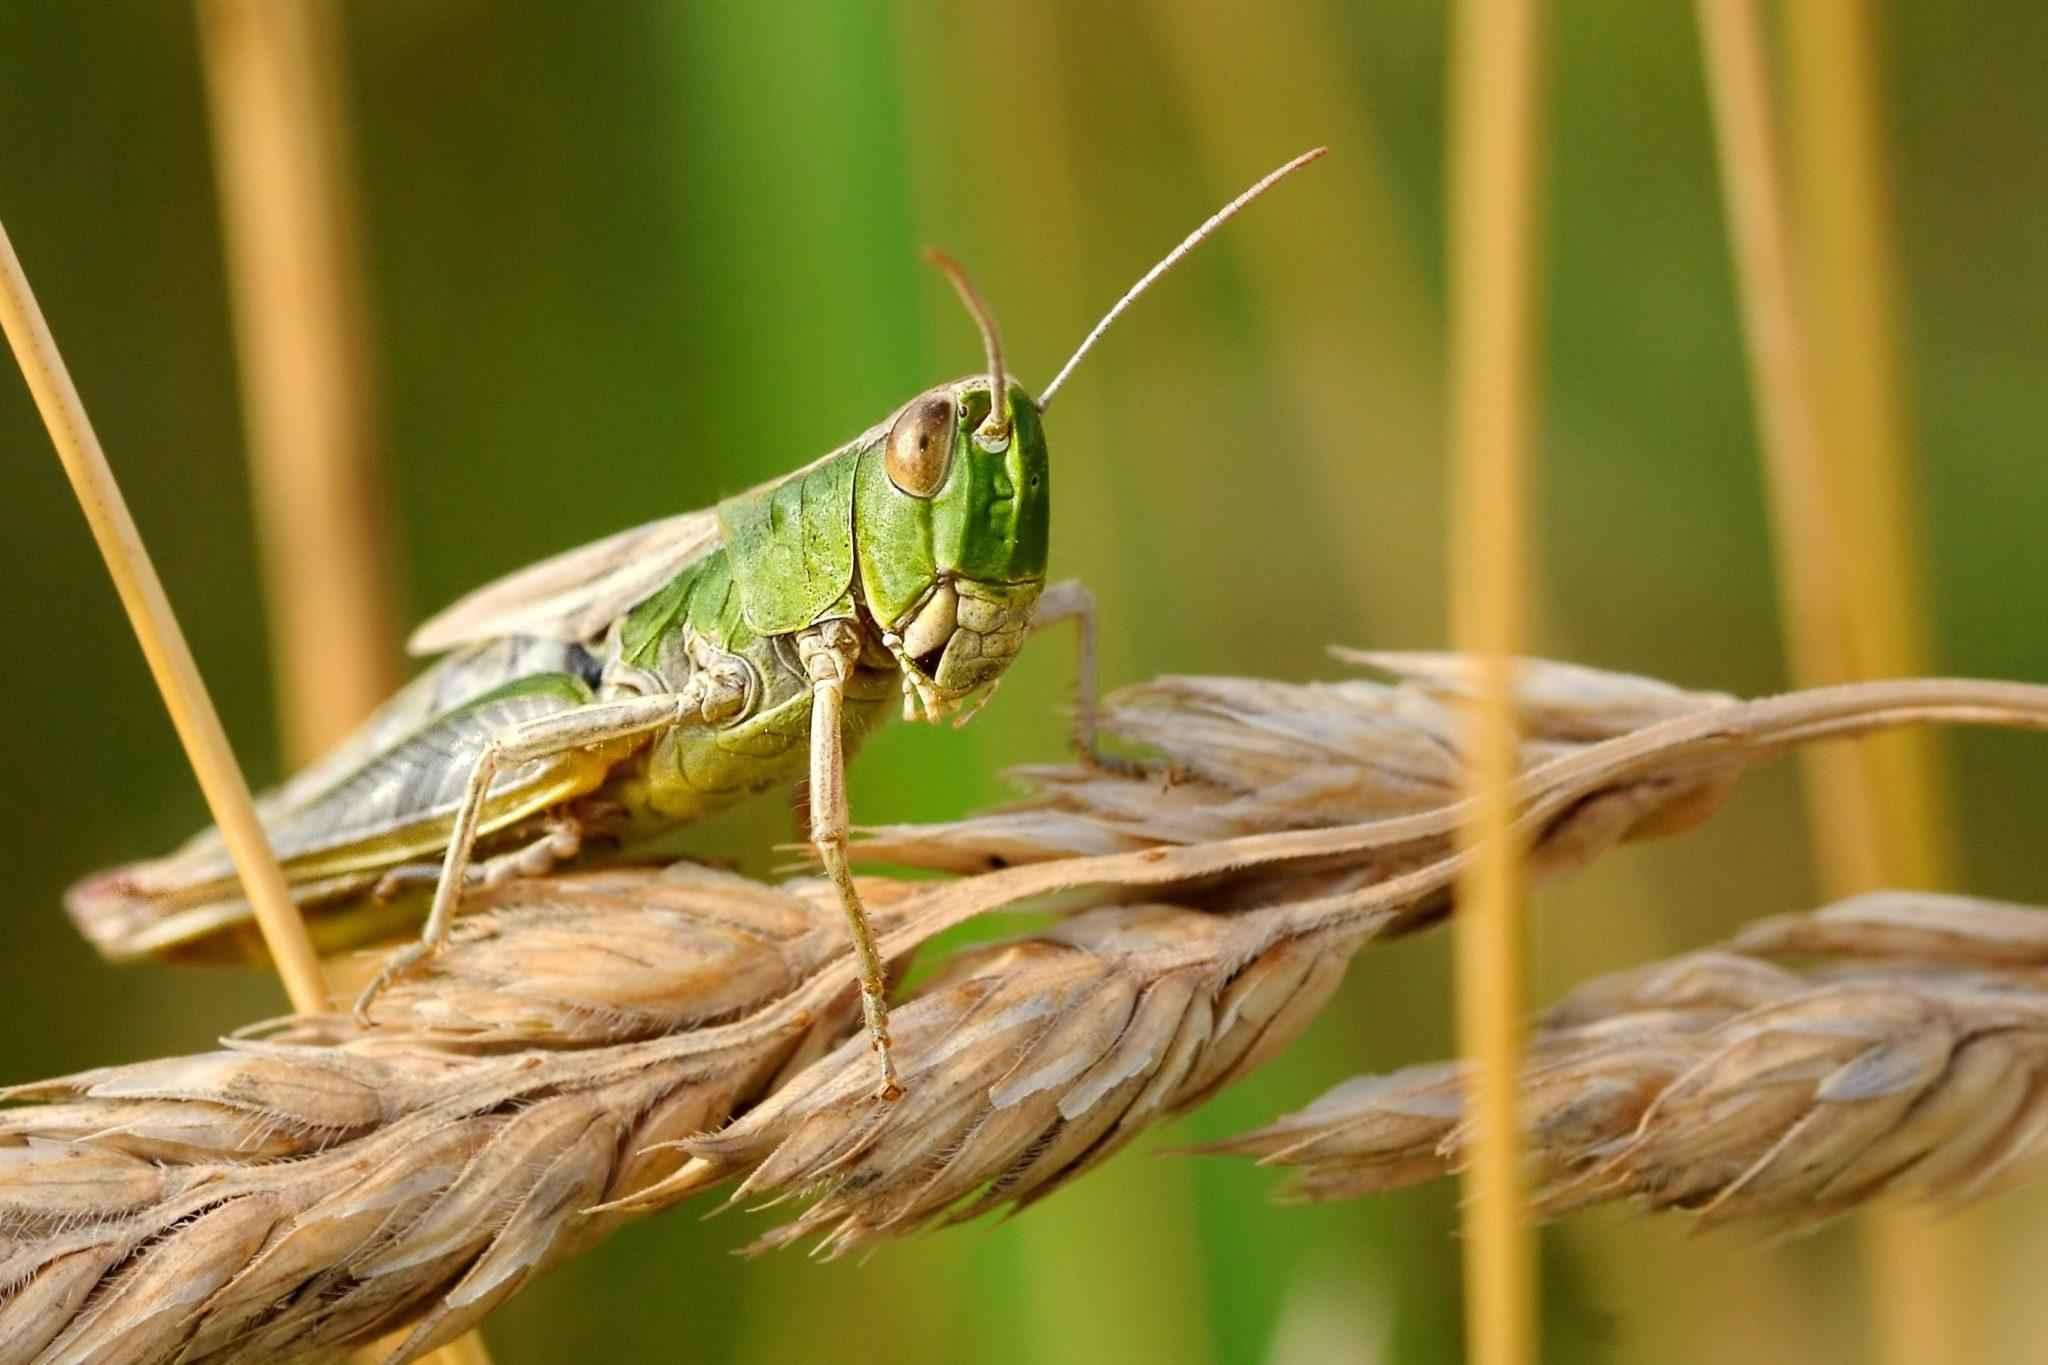 саранча, насекомое, растения, природа, макросъемка, крупным планом